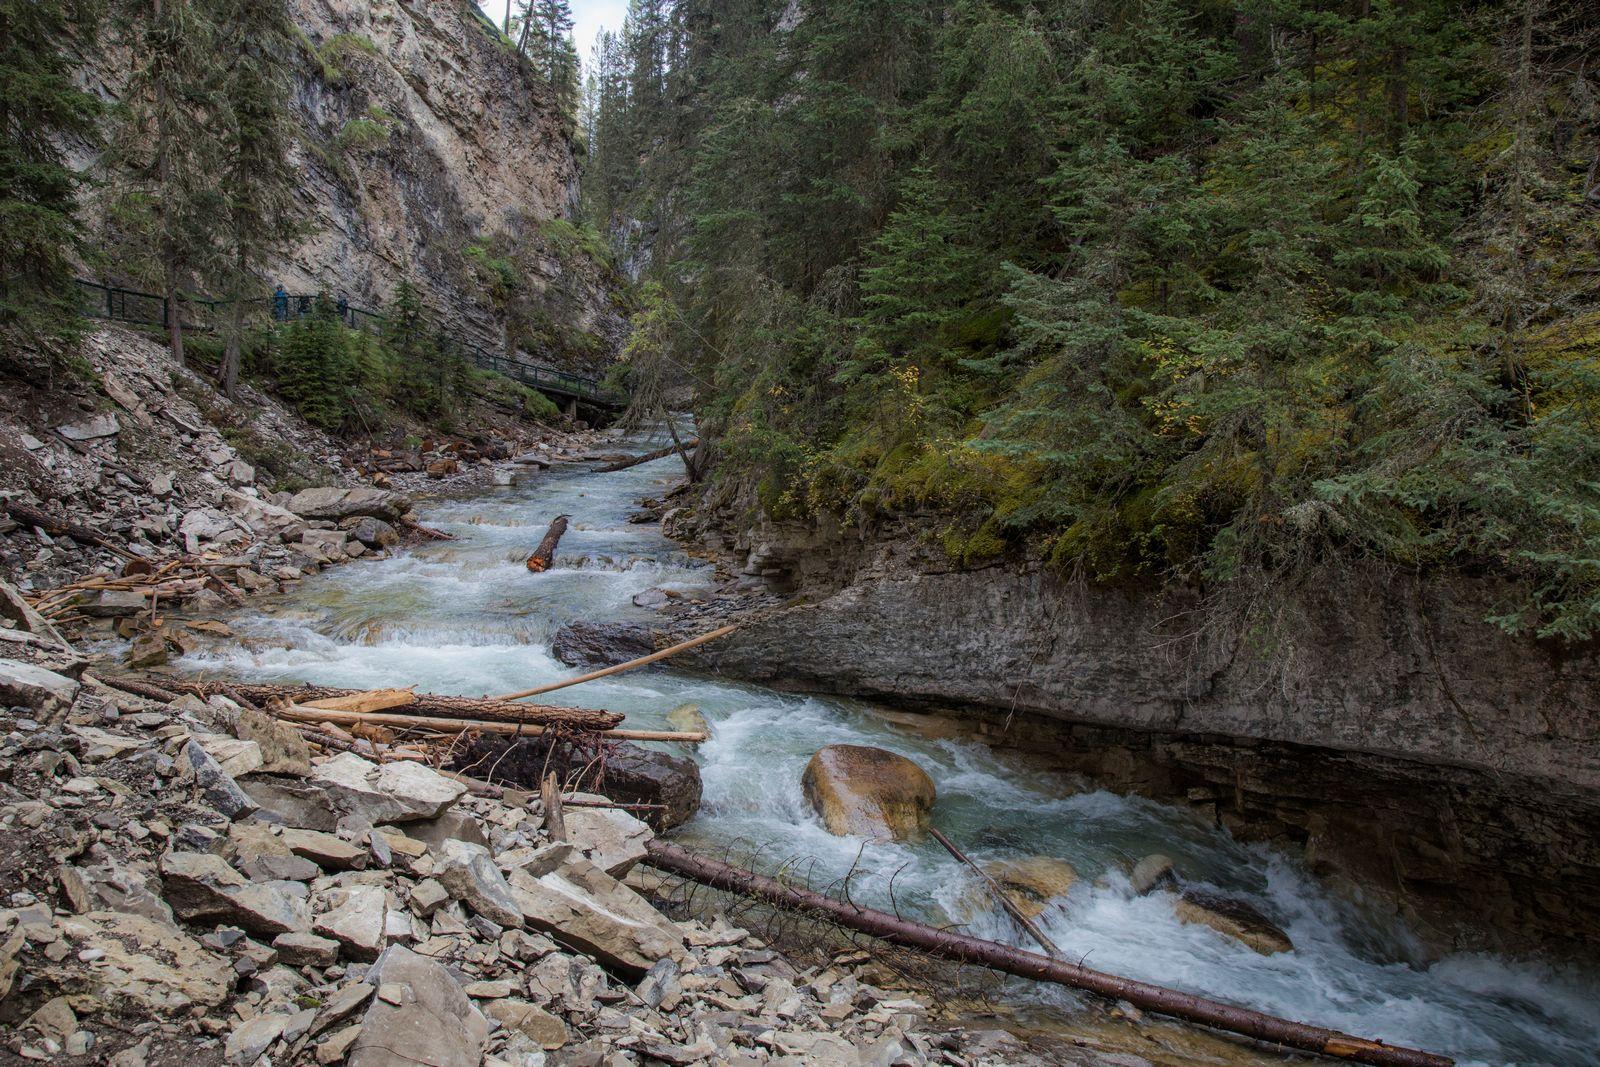 El río Bow atravesando el cañón